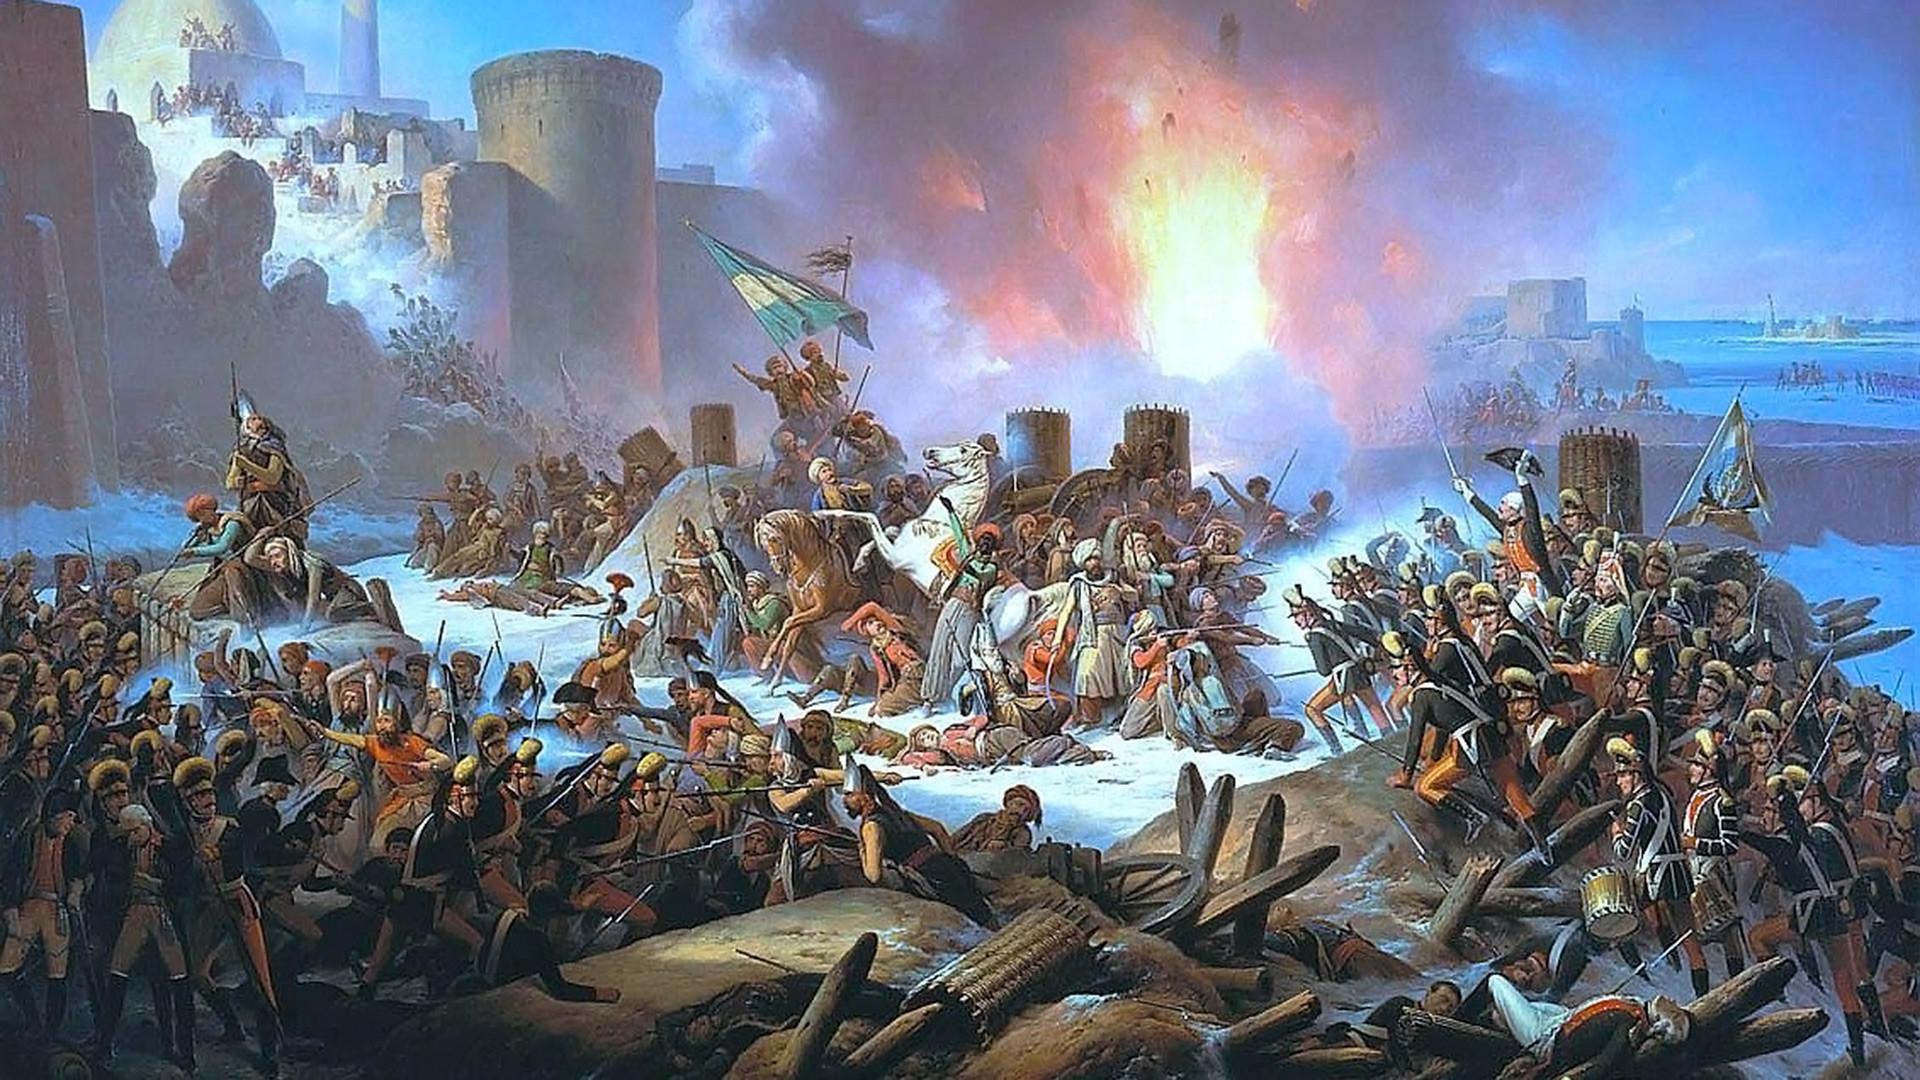 John Paul Jones se tornou uma das principais figuras na batalha bem-sucedida da Rússia acerca da fortaleza turca de Otchakov